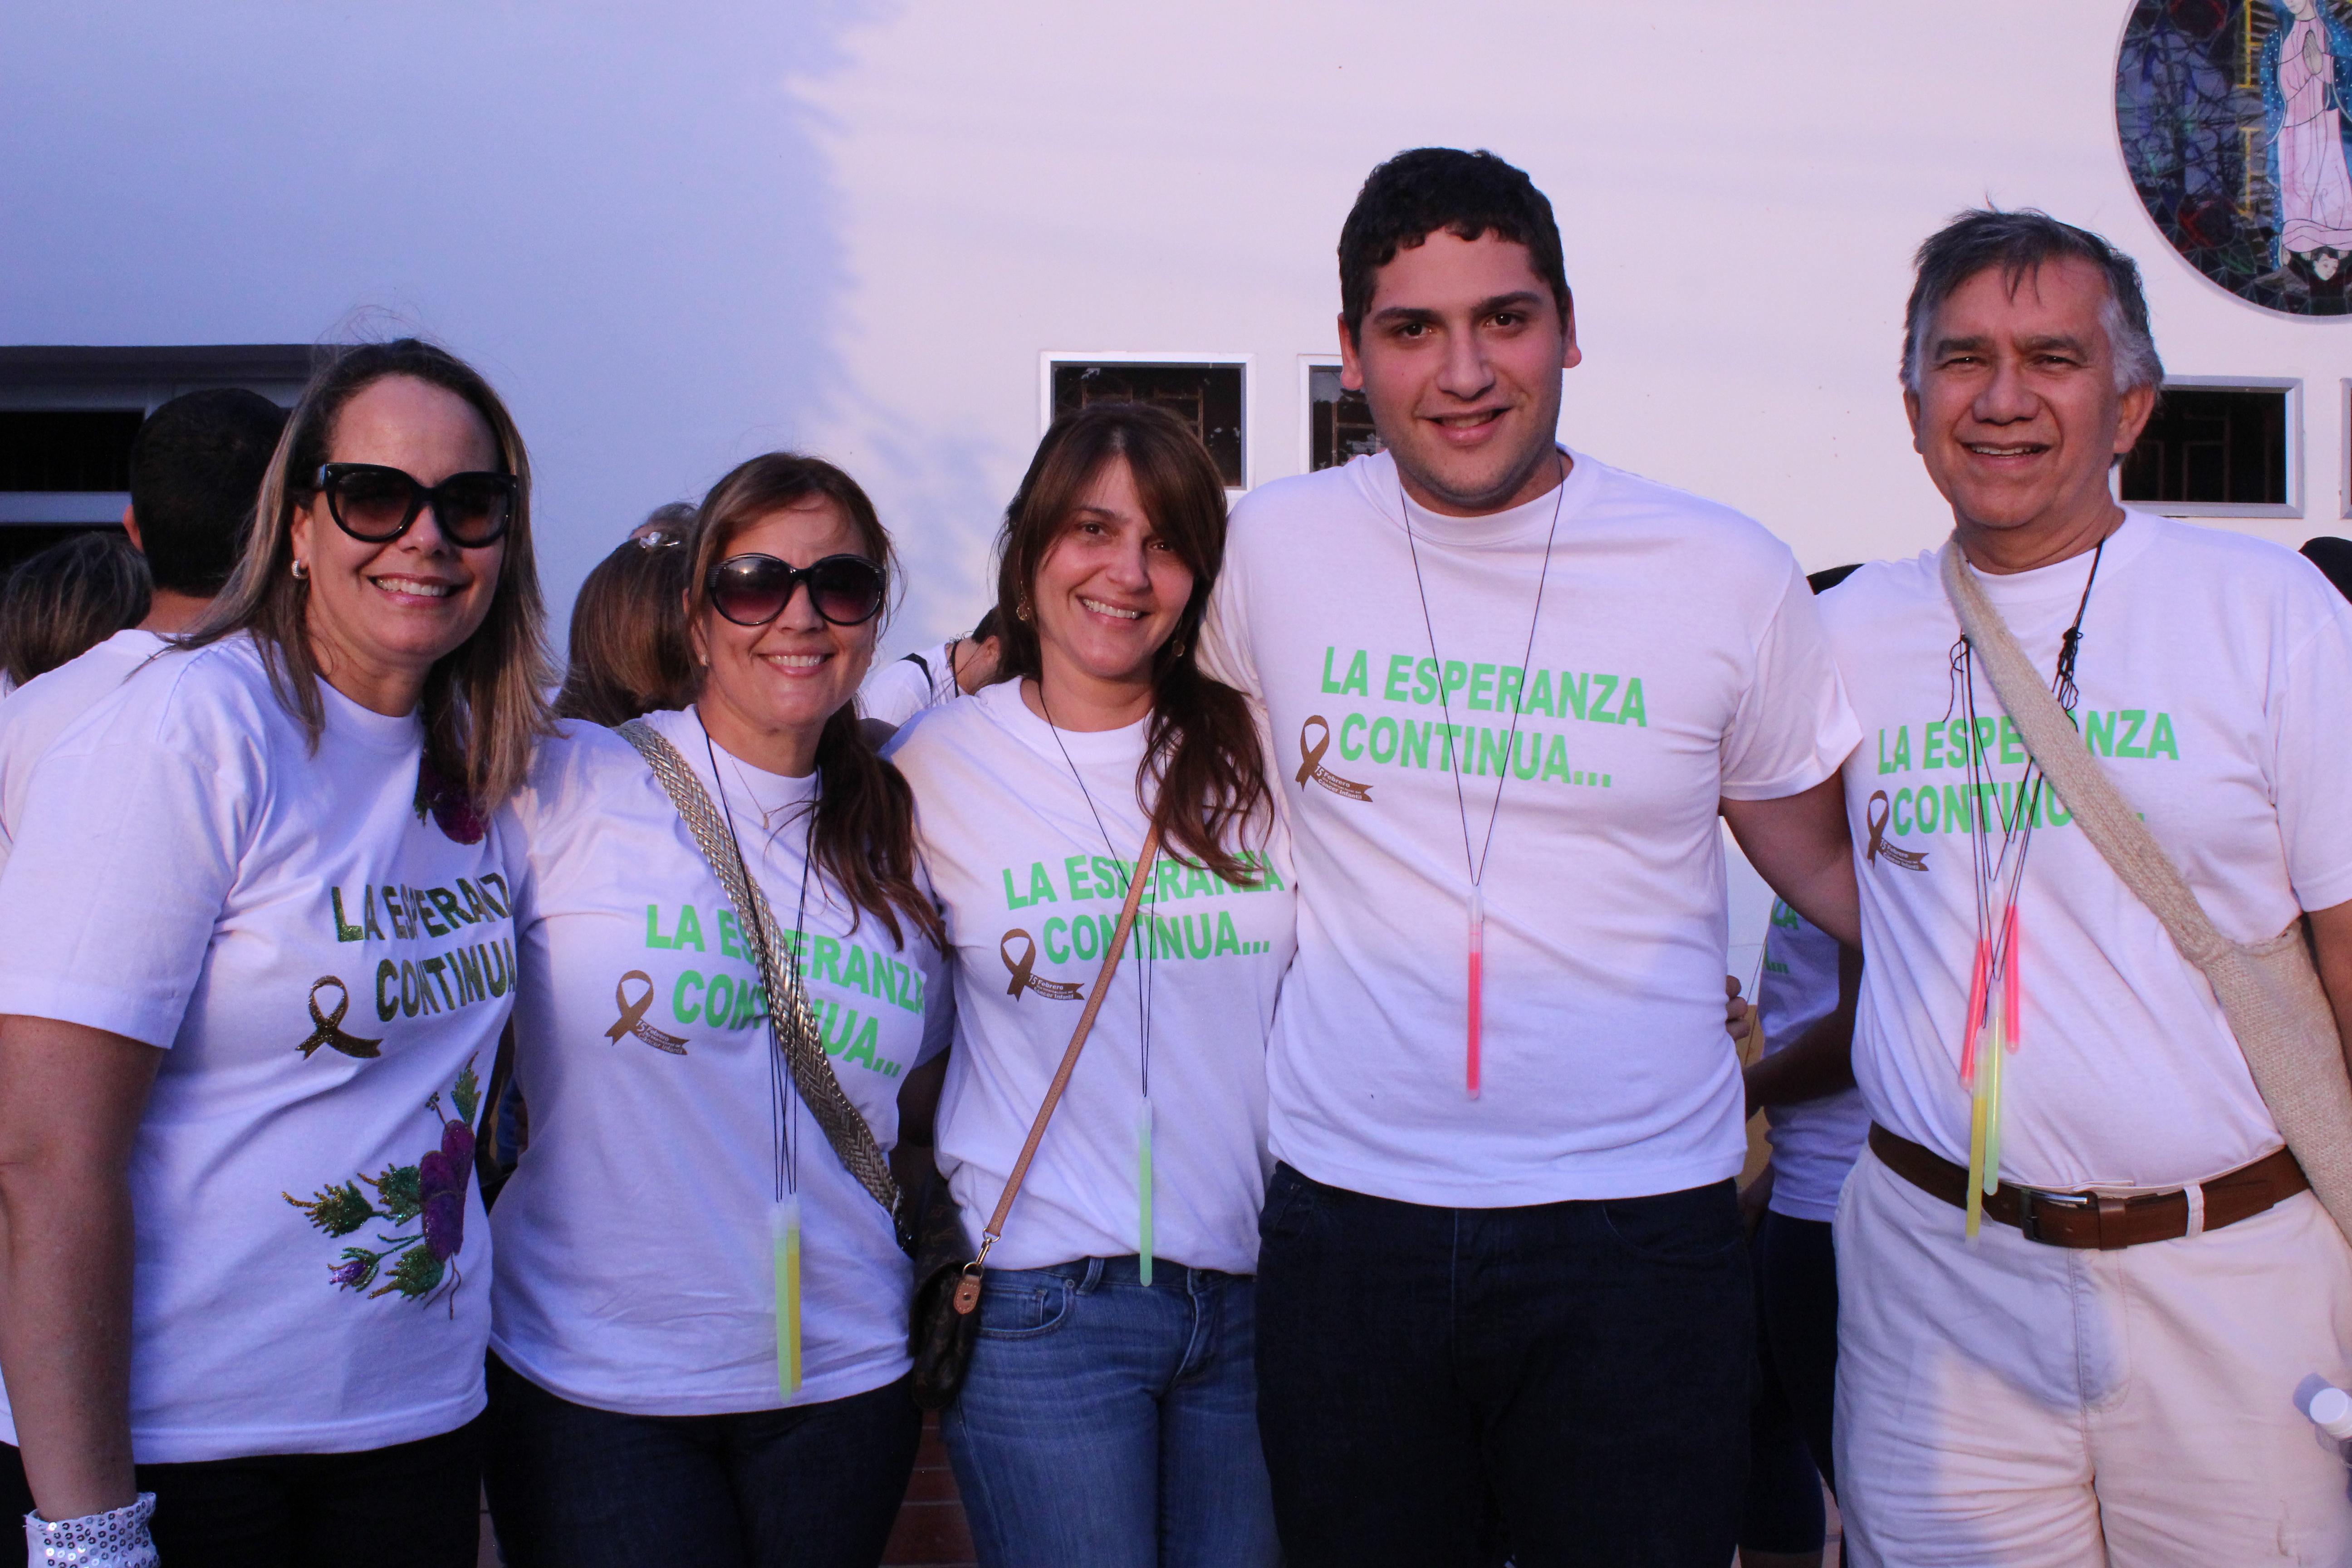 Maria_Clara_Diaz_Granados_(presidente_de_la_fundación),_Jessica_Certain,_PAtricia_Dumar,_David_Merca